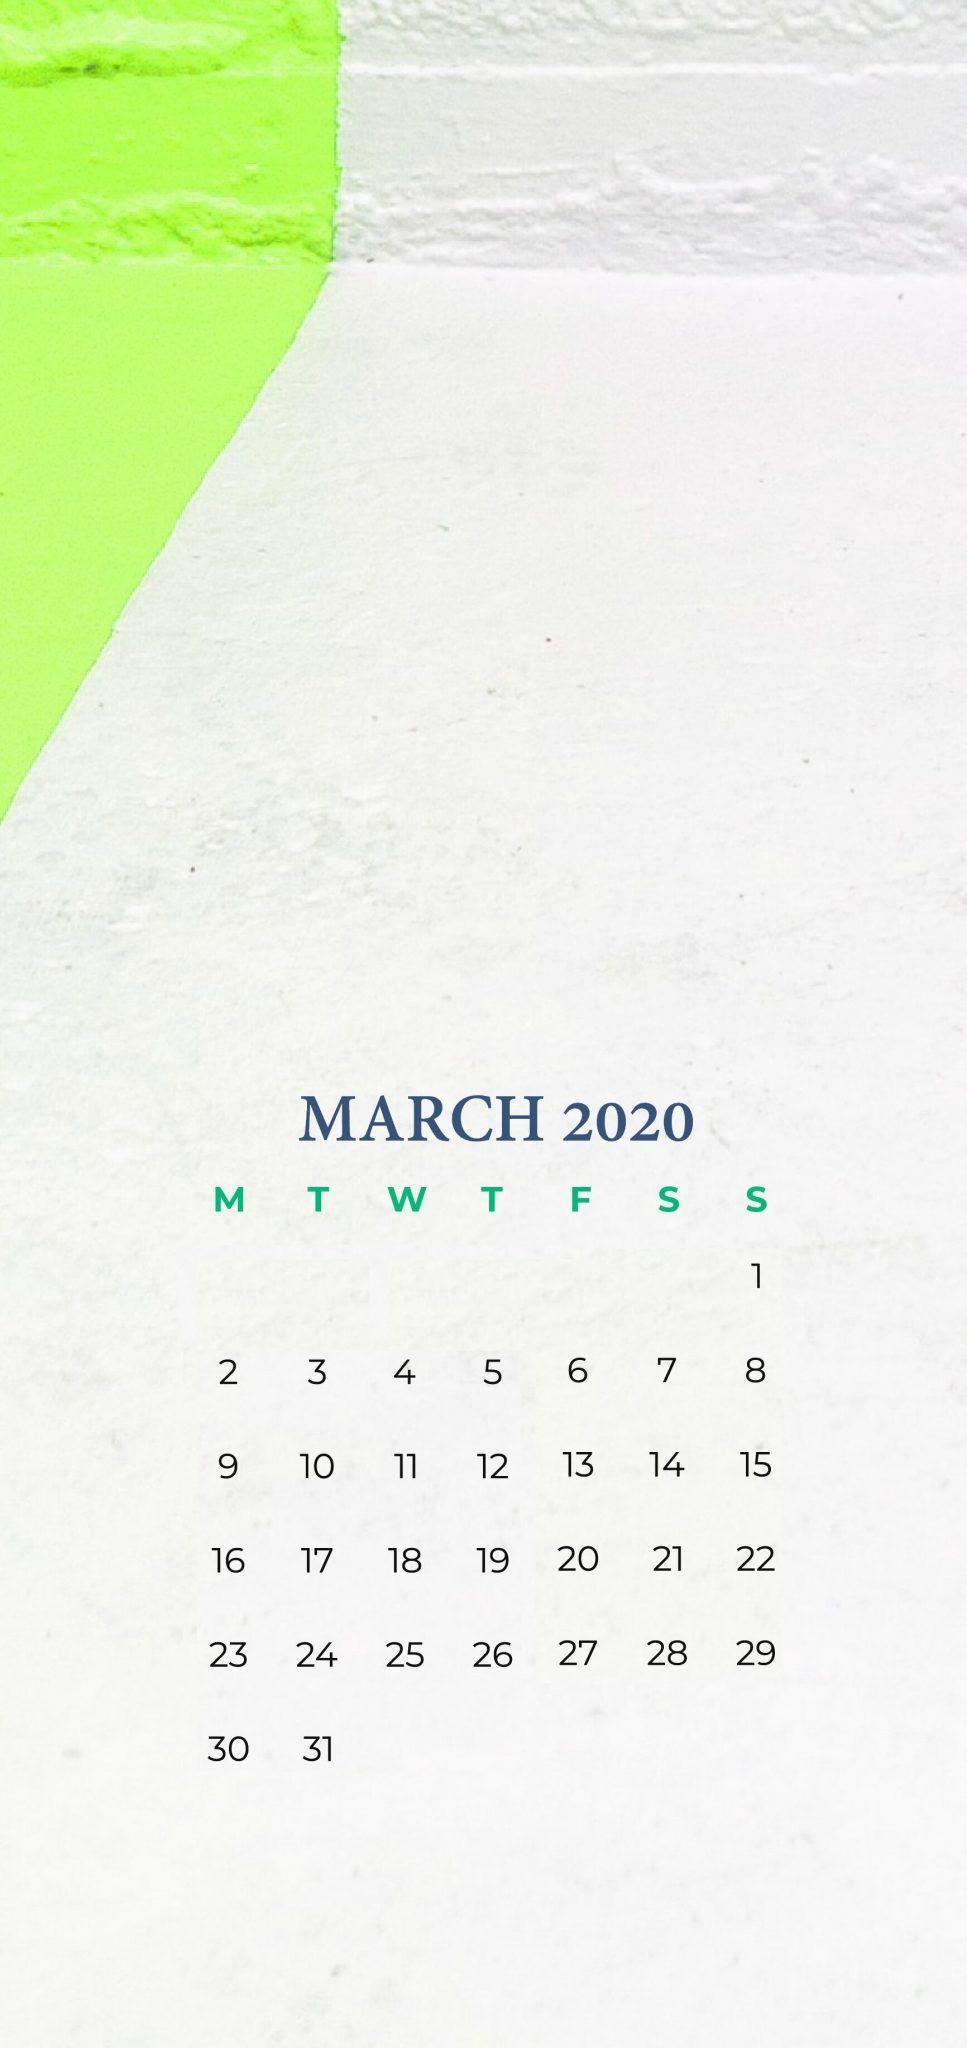 March 2020 Iphone Calendar Wallpaper In 2020 Calendar Wallpaper